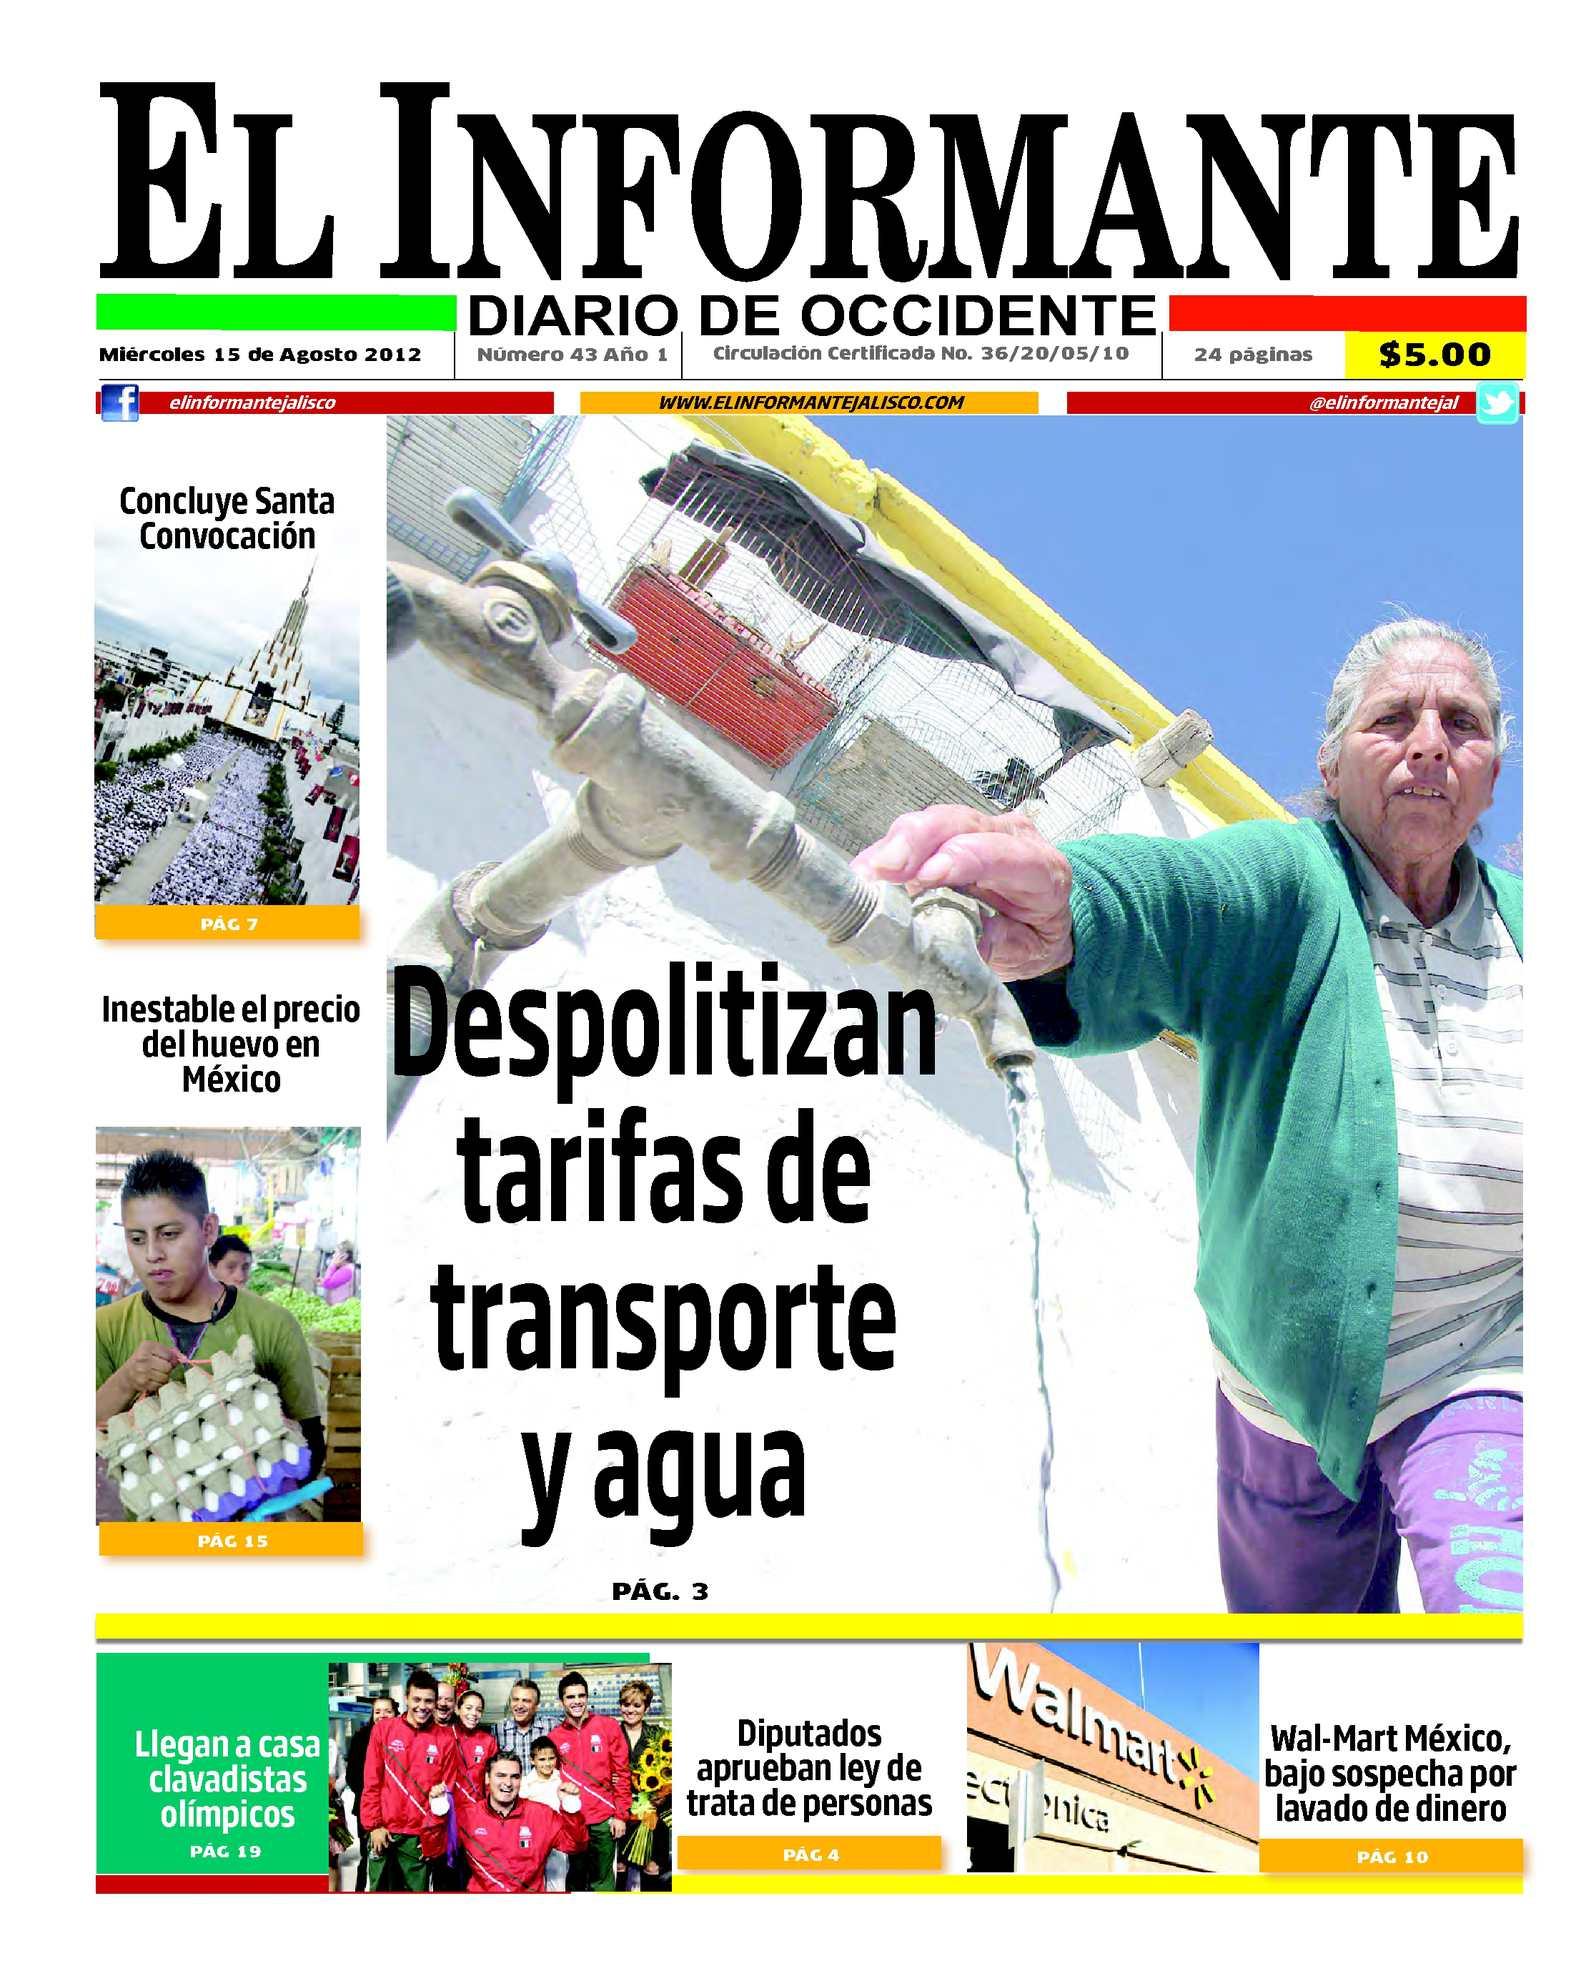 Calaméo - El Informante 15 de agosto 2012